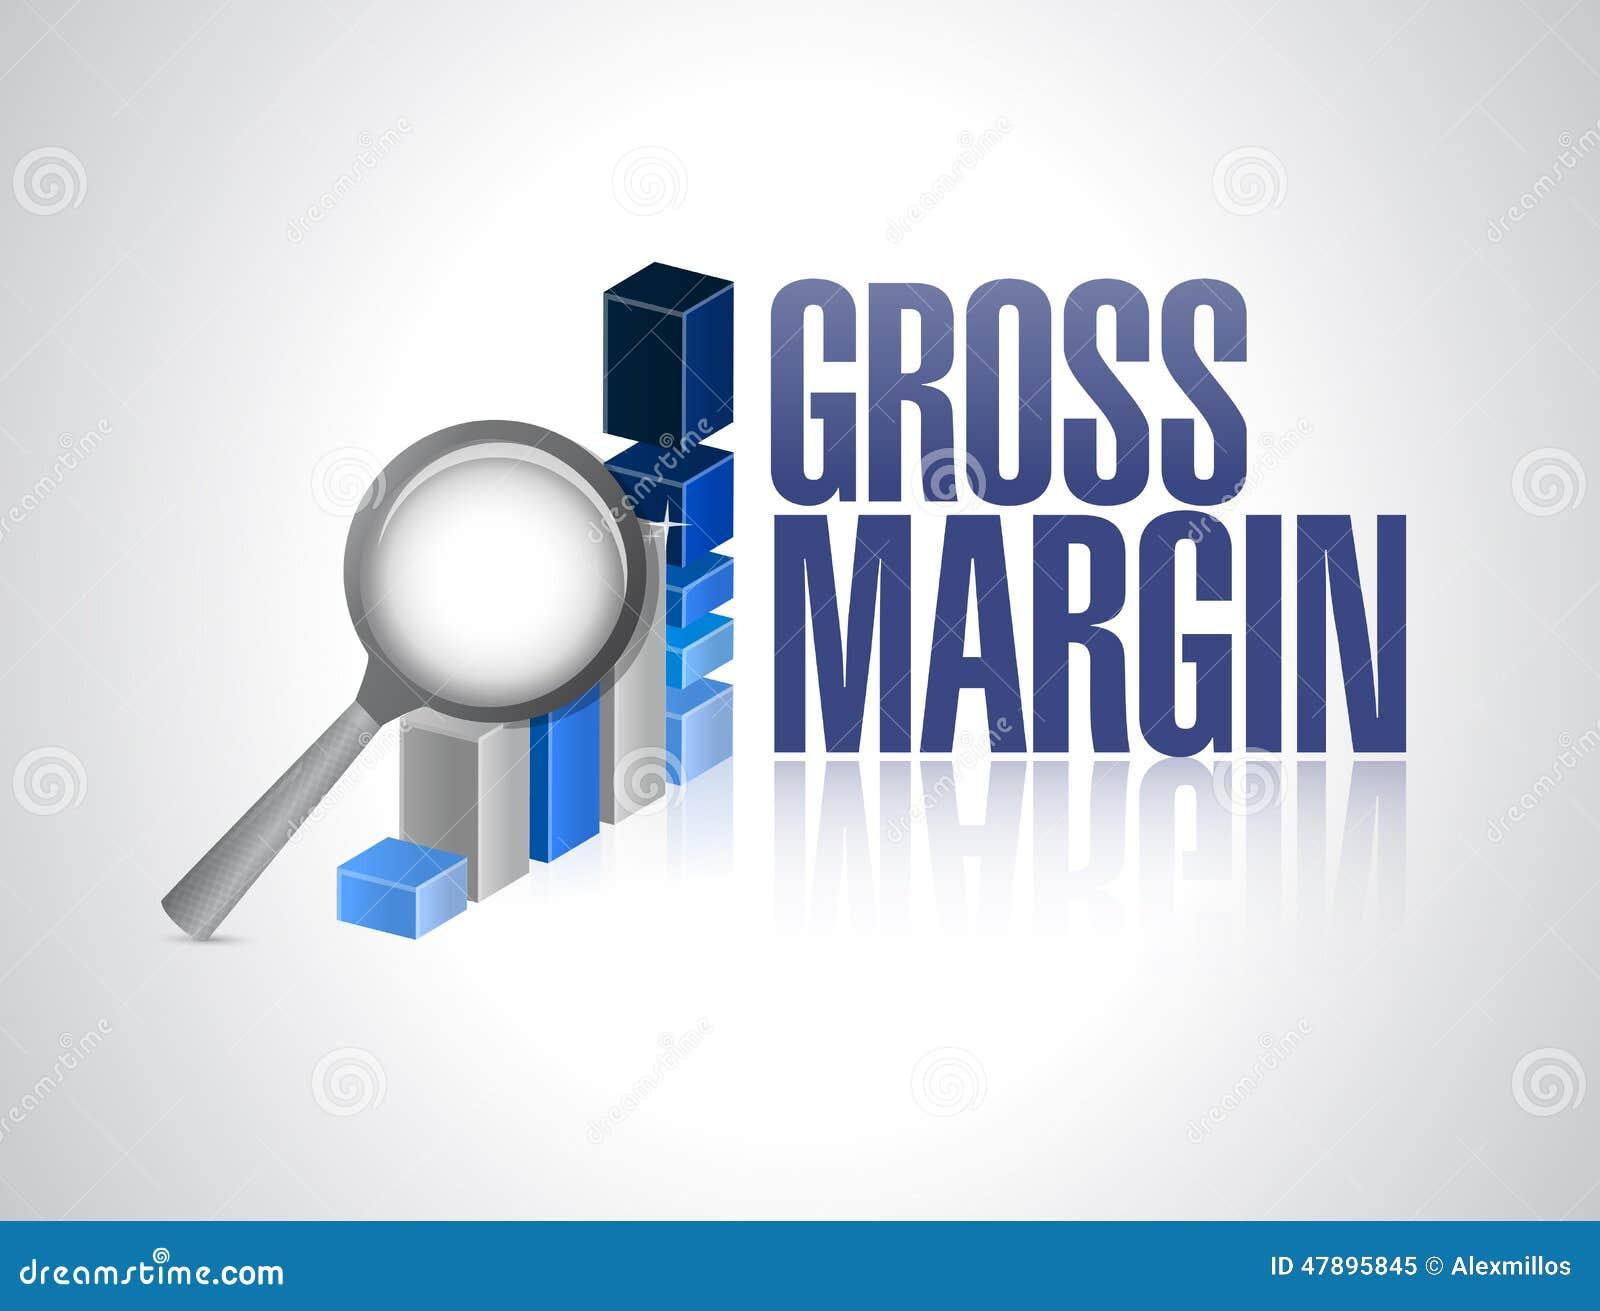 business gross margin sign illustration stock illustration illustration of margin icon 47895845. Black Bedroom Furniture Sets. Home Design Ideas